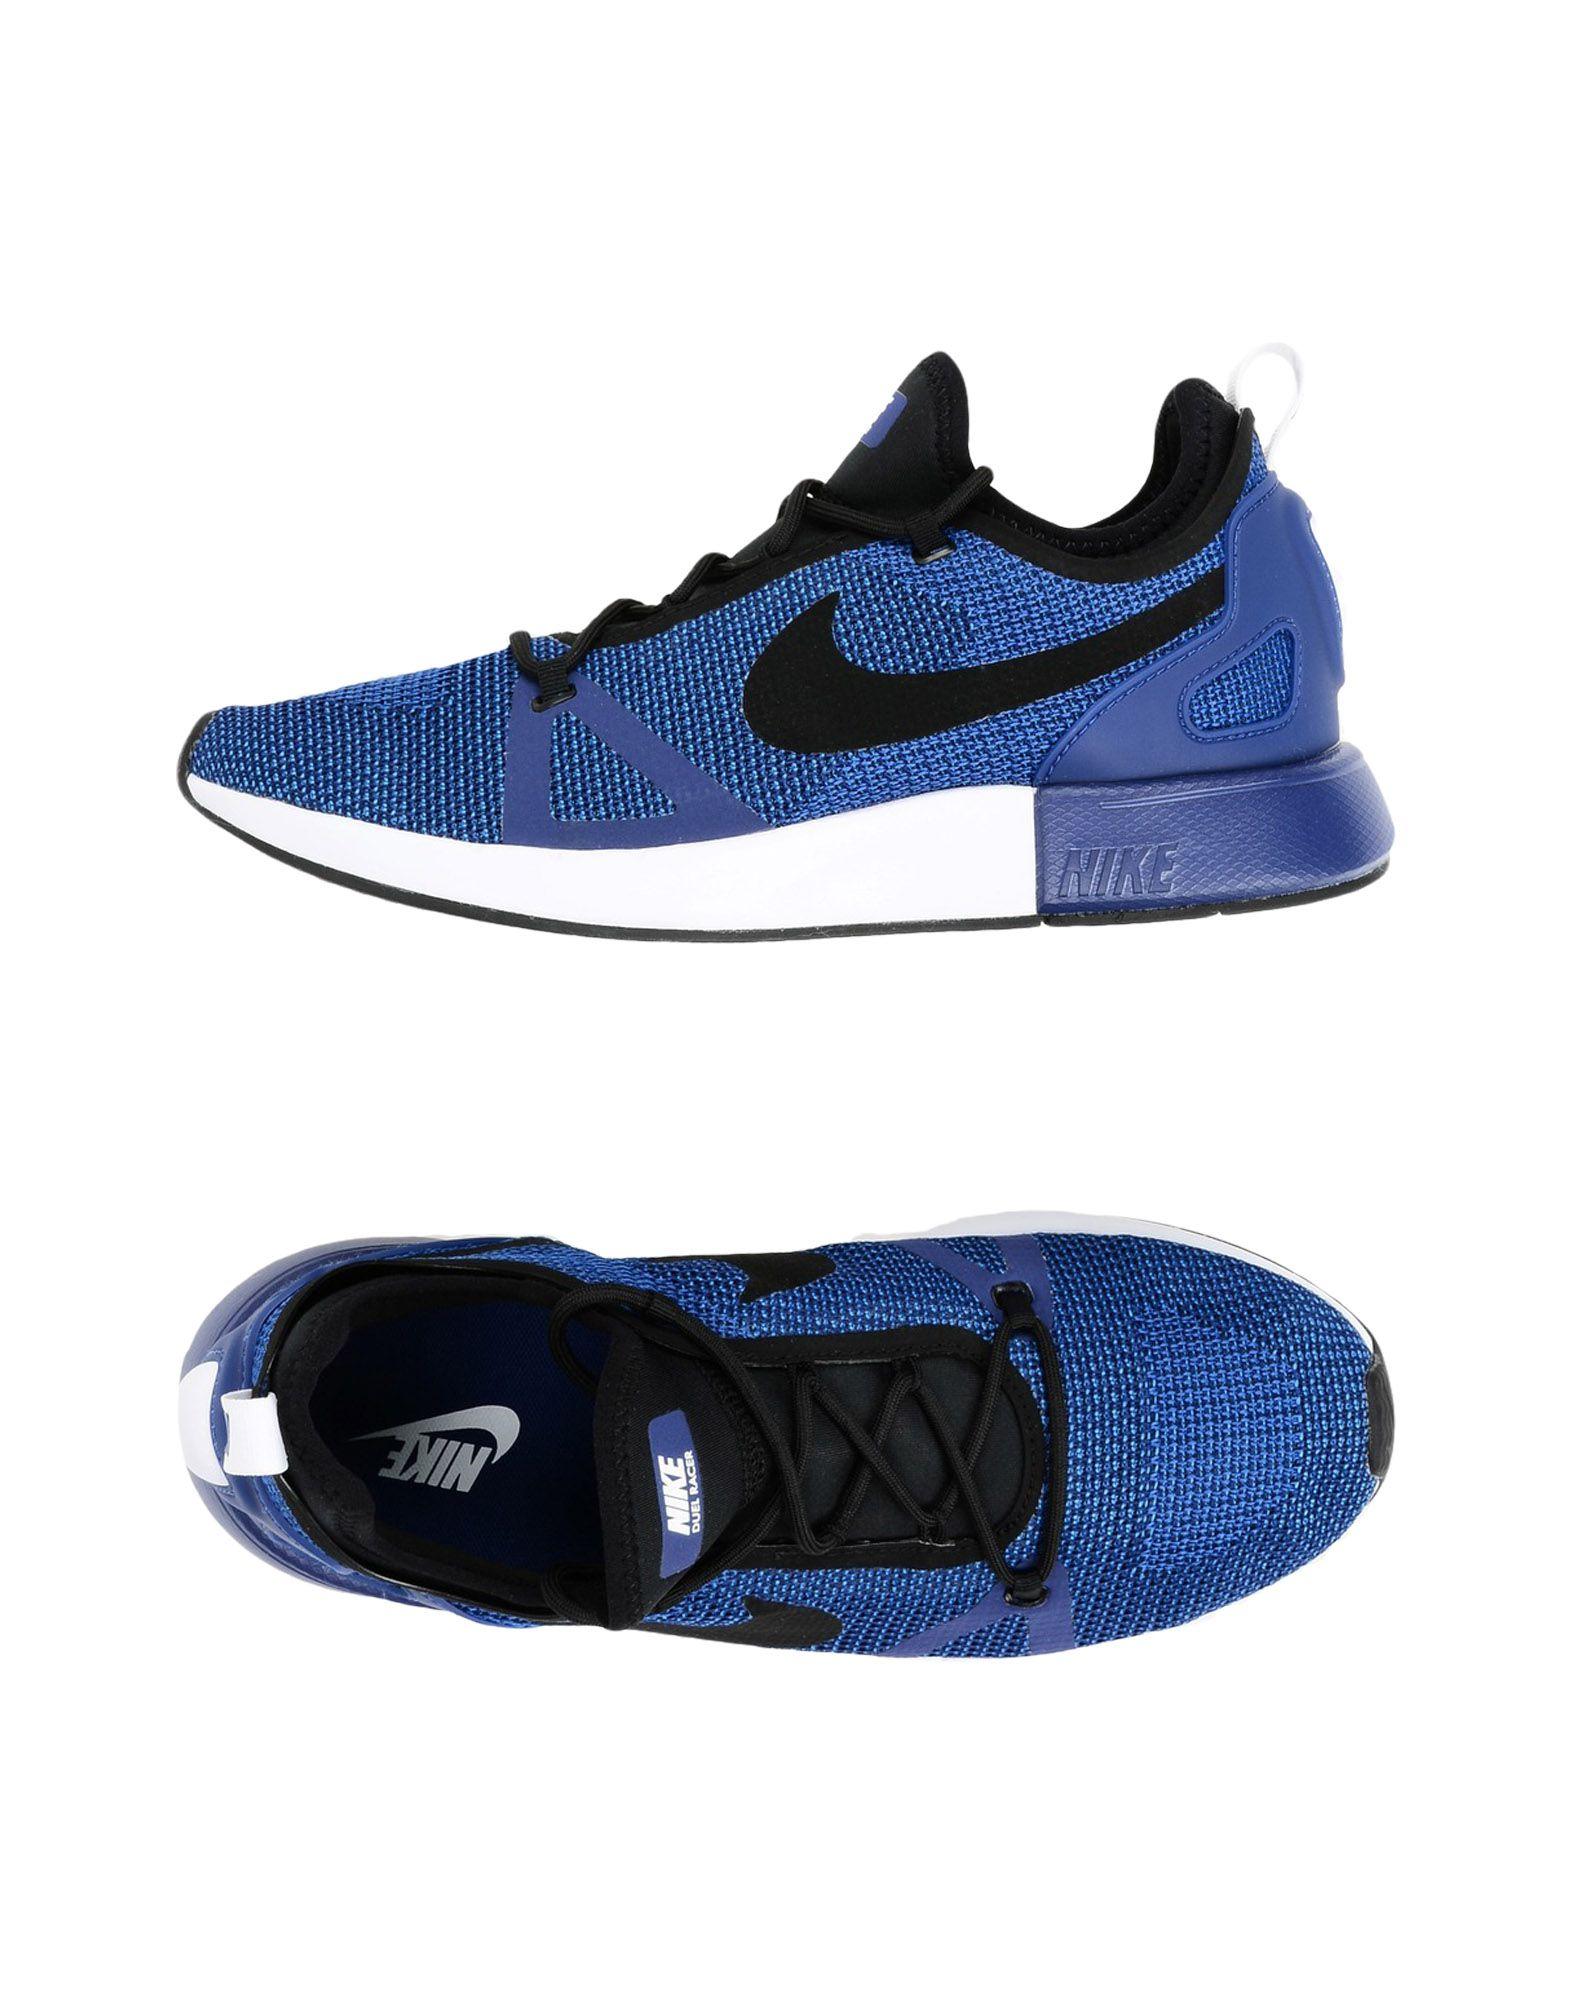 wholesale dealer 4c594 e8d77 NIKE. DUEL RACER. Sneakers